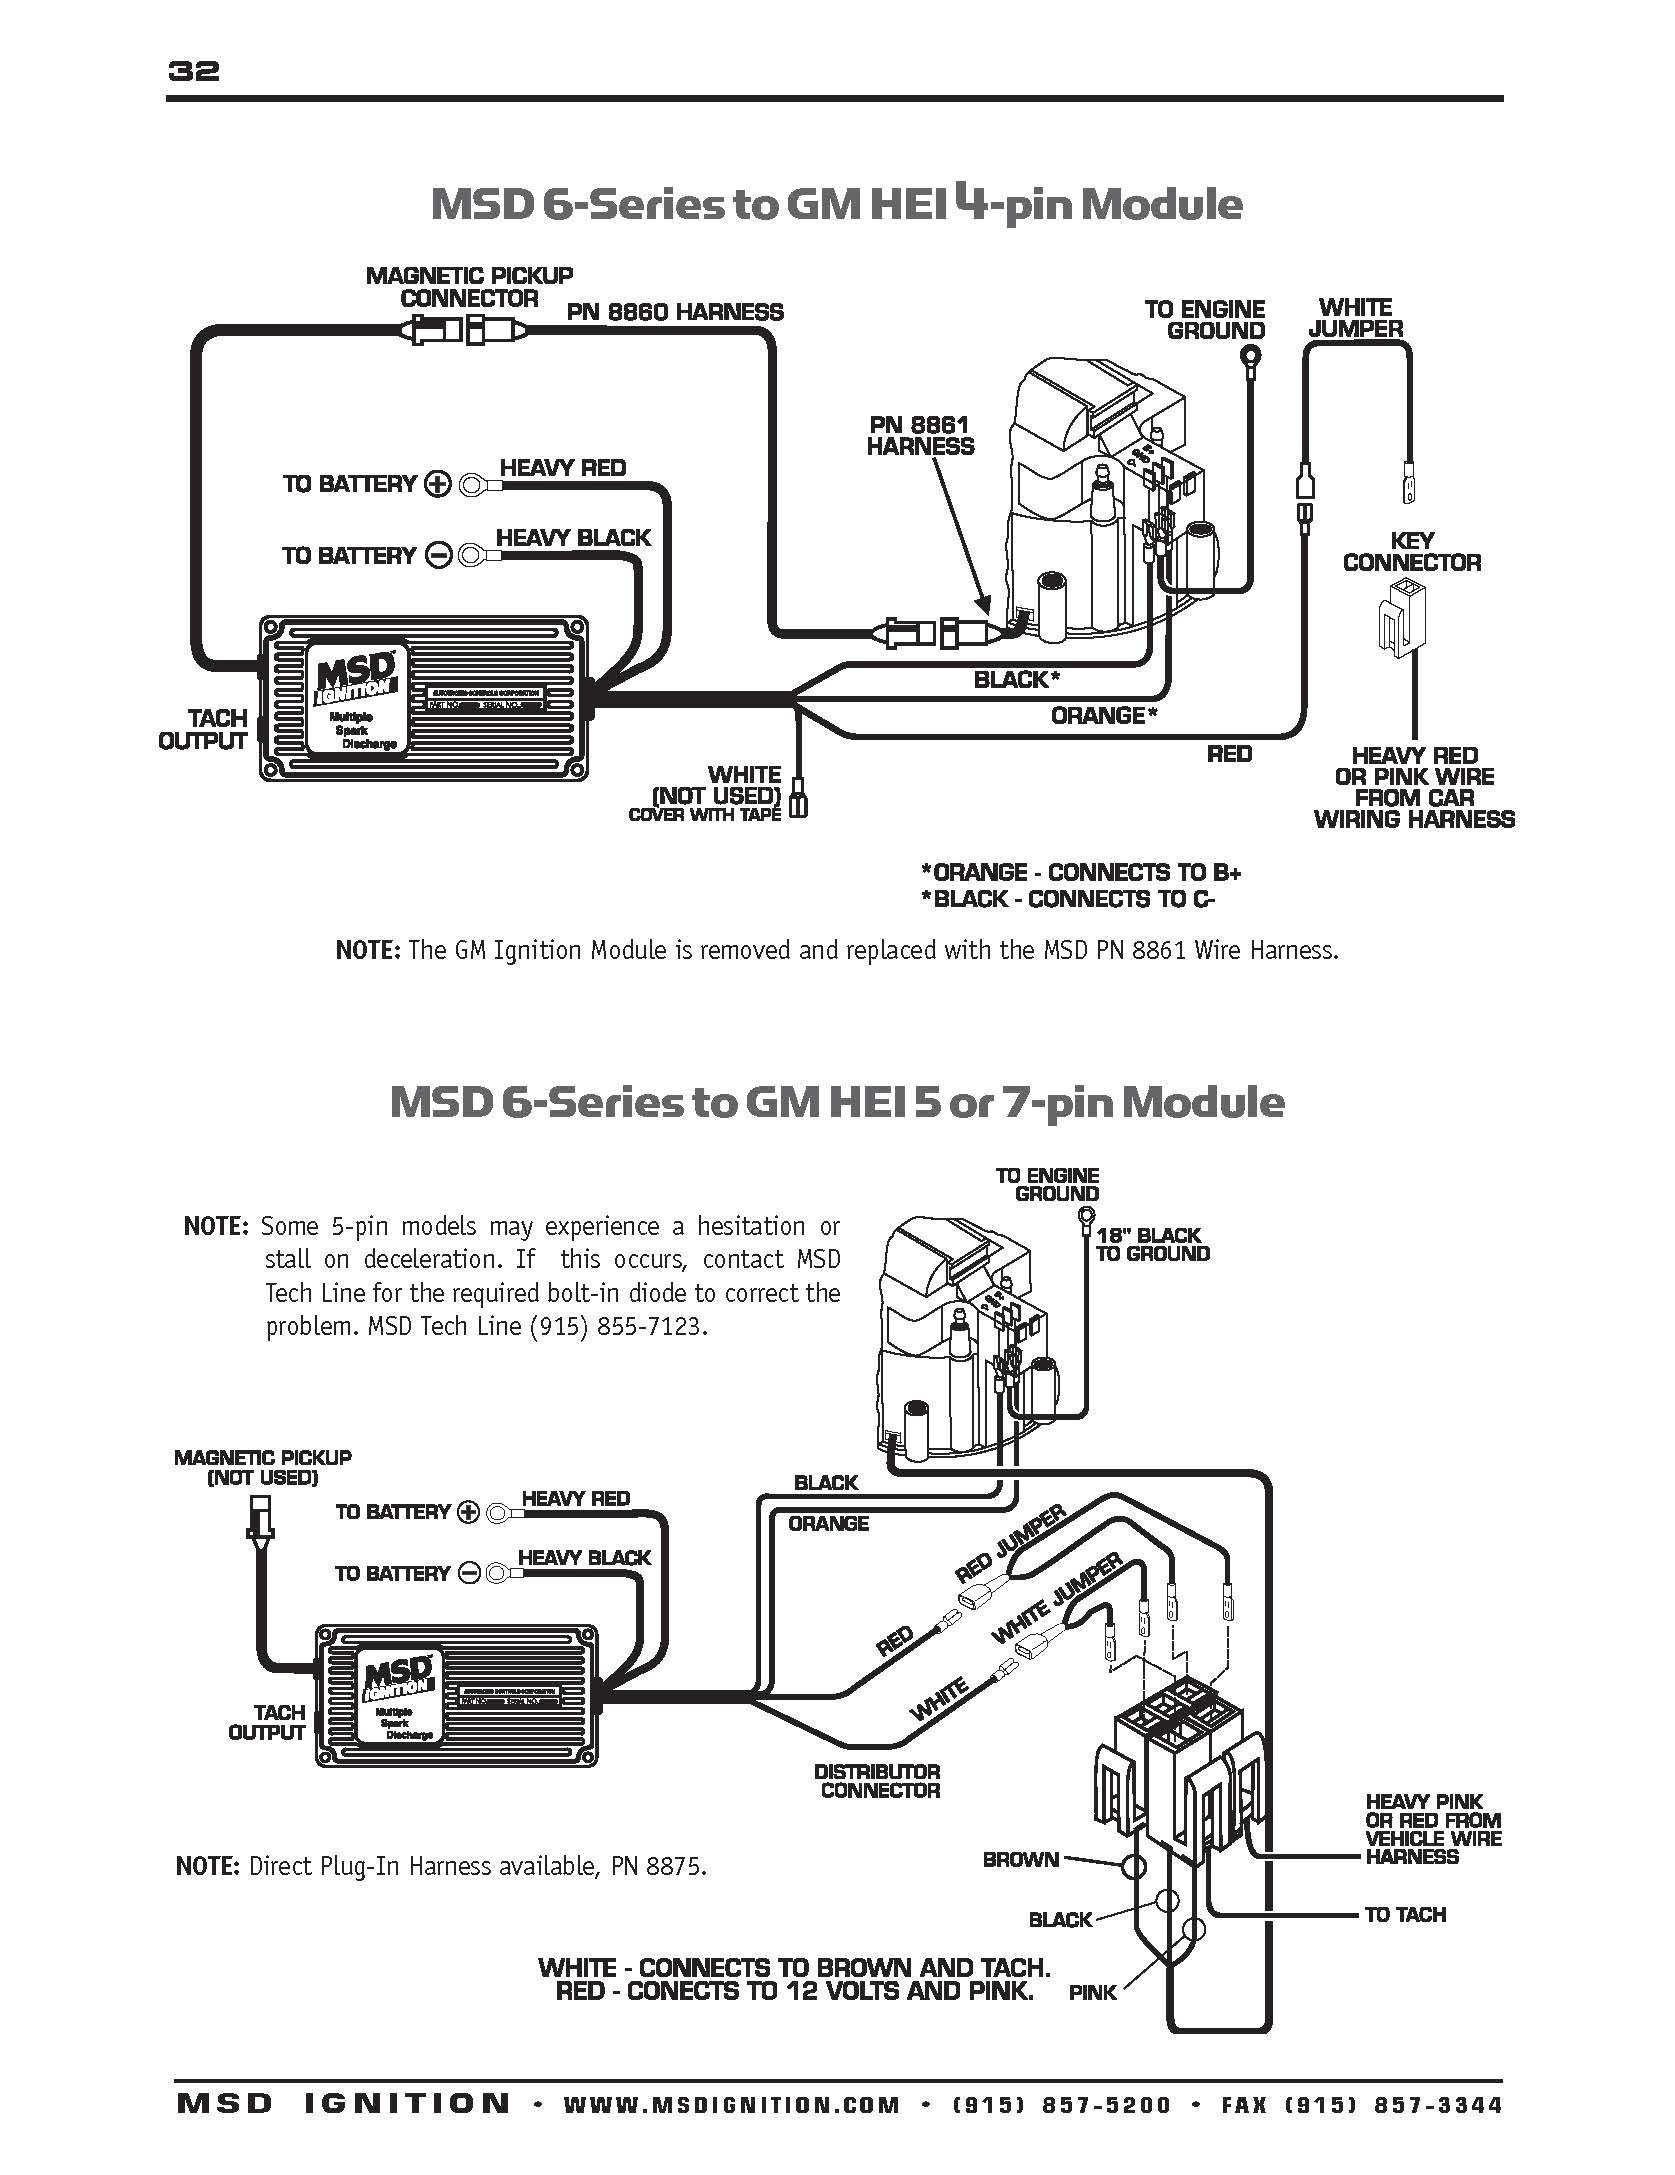 6al wiring diagram wiring diagram msd 6al tach wiring